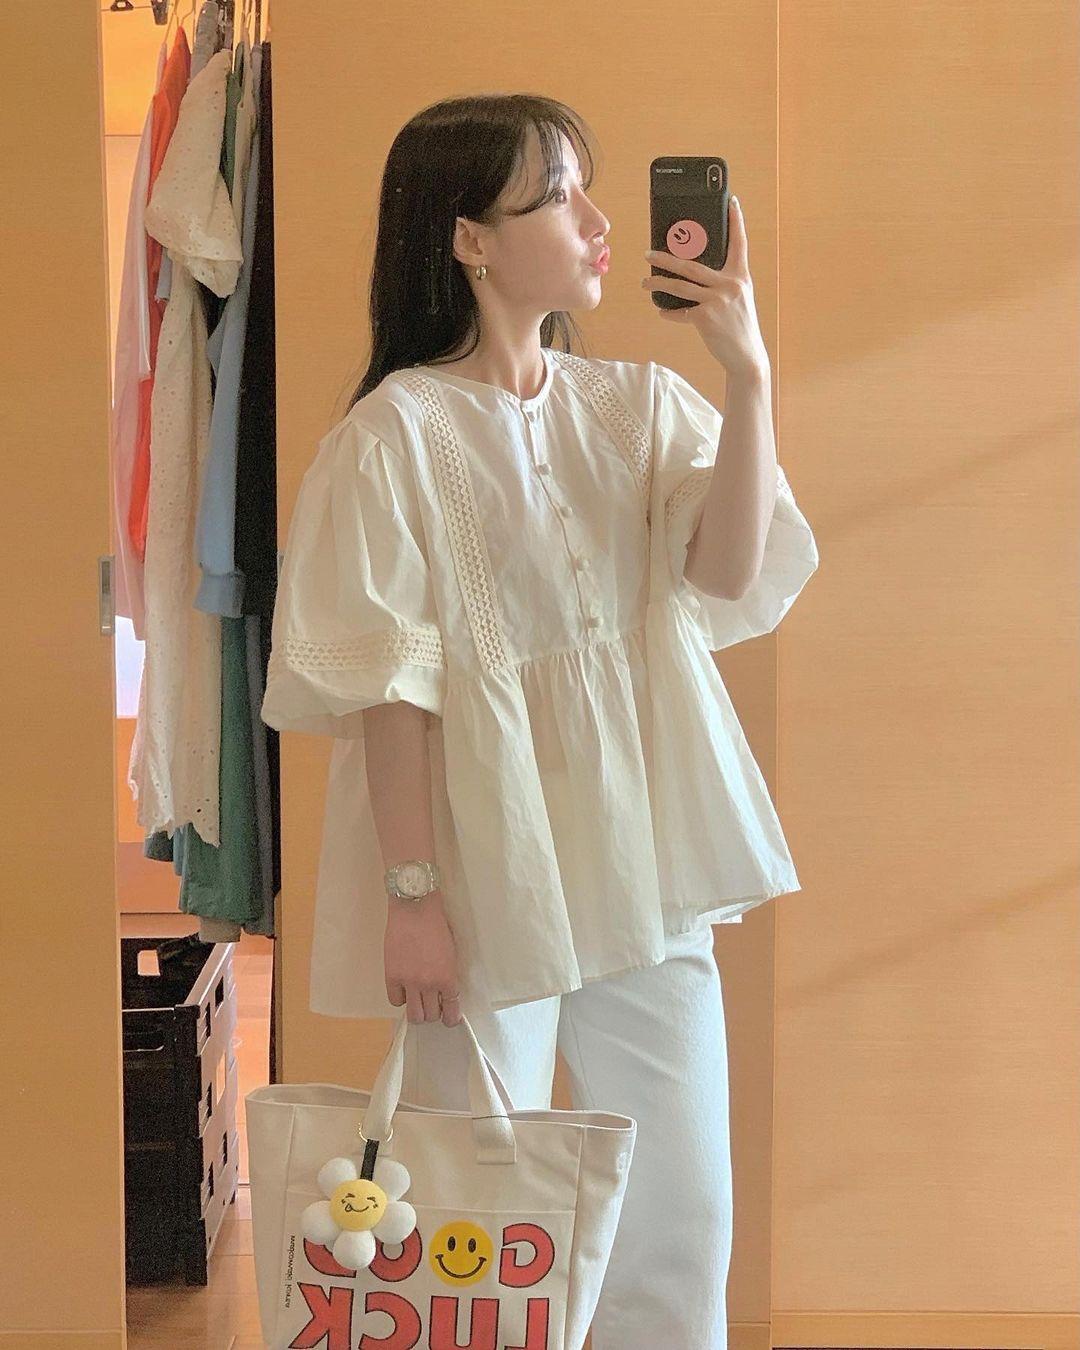 Có 1 mẫu áo mà dàn gái Hàn đang nâng như nâng trứng, diện lên đảm bảo có ảnh đẹp post Instagram sống ảo! - Ảnh 5.